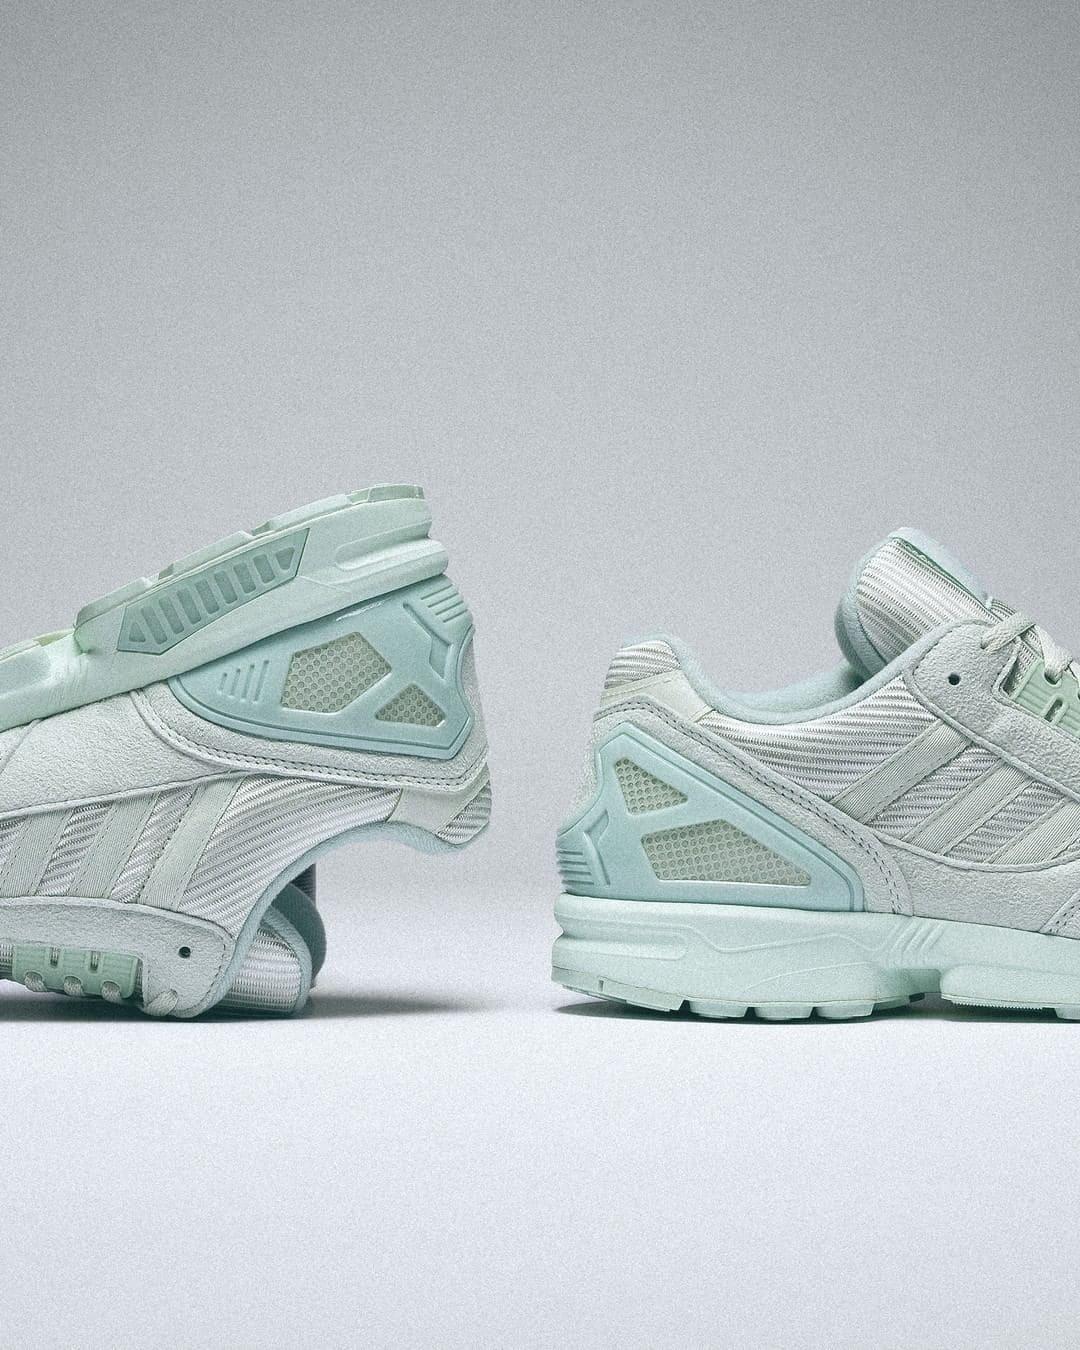 adidas-zx-8000-linen-green-fruehling-sneaker-herren-2020